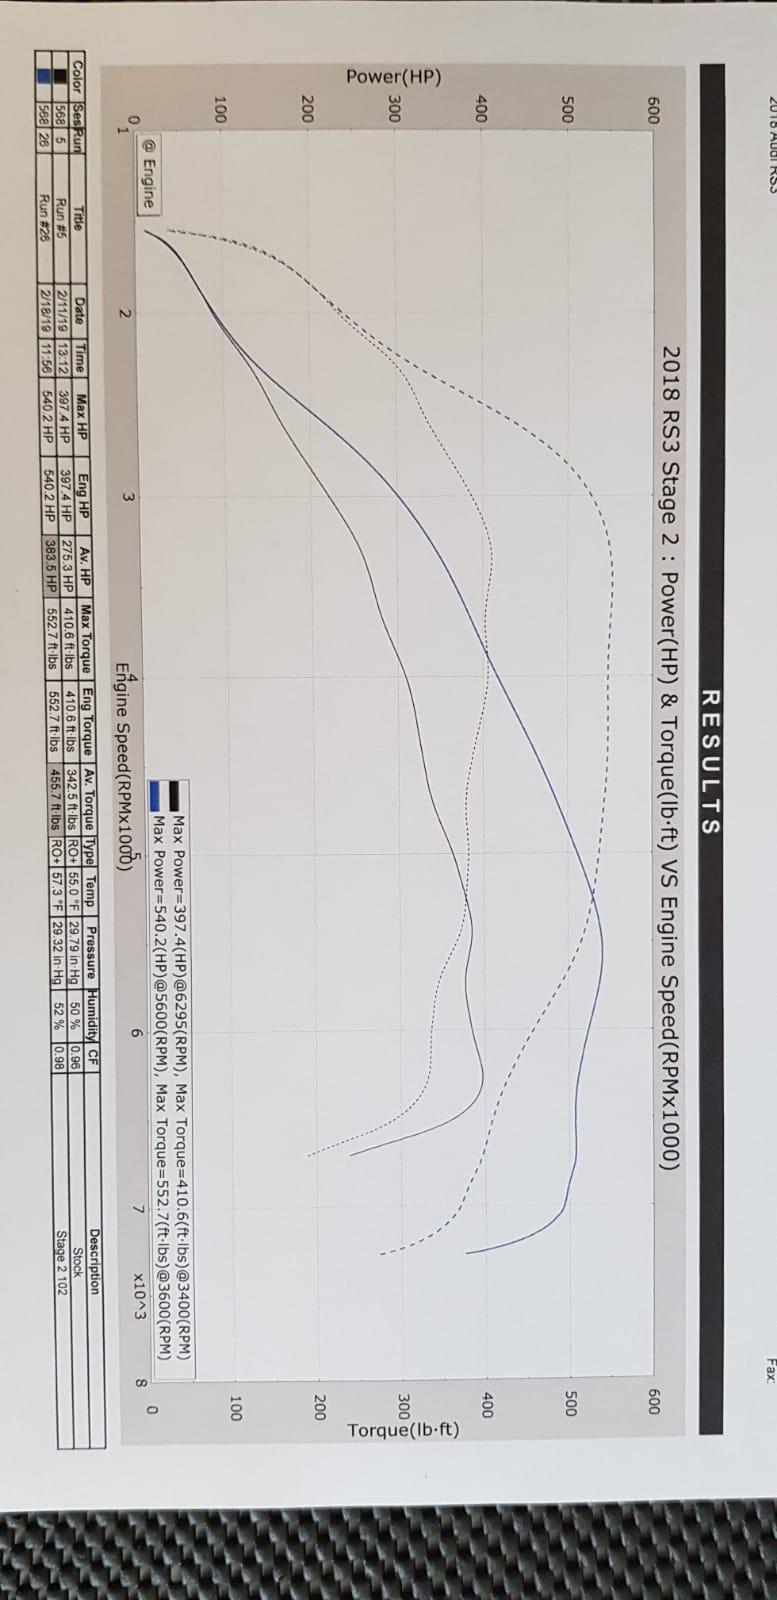 IMG-20190218-WA0005.jpg